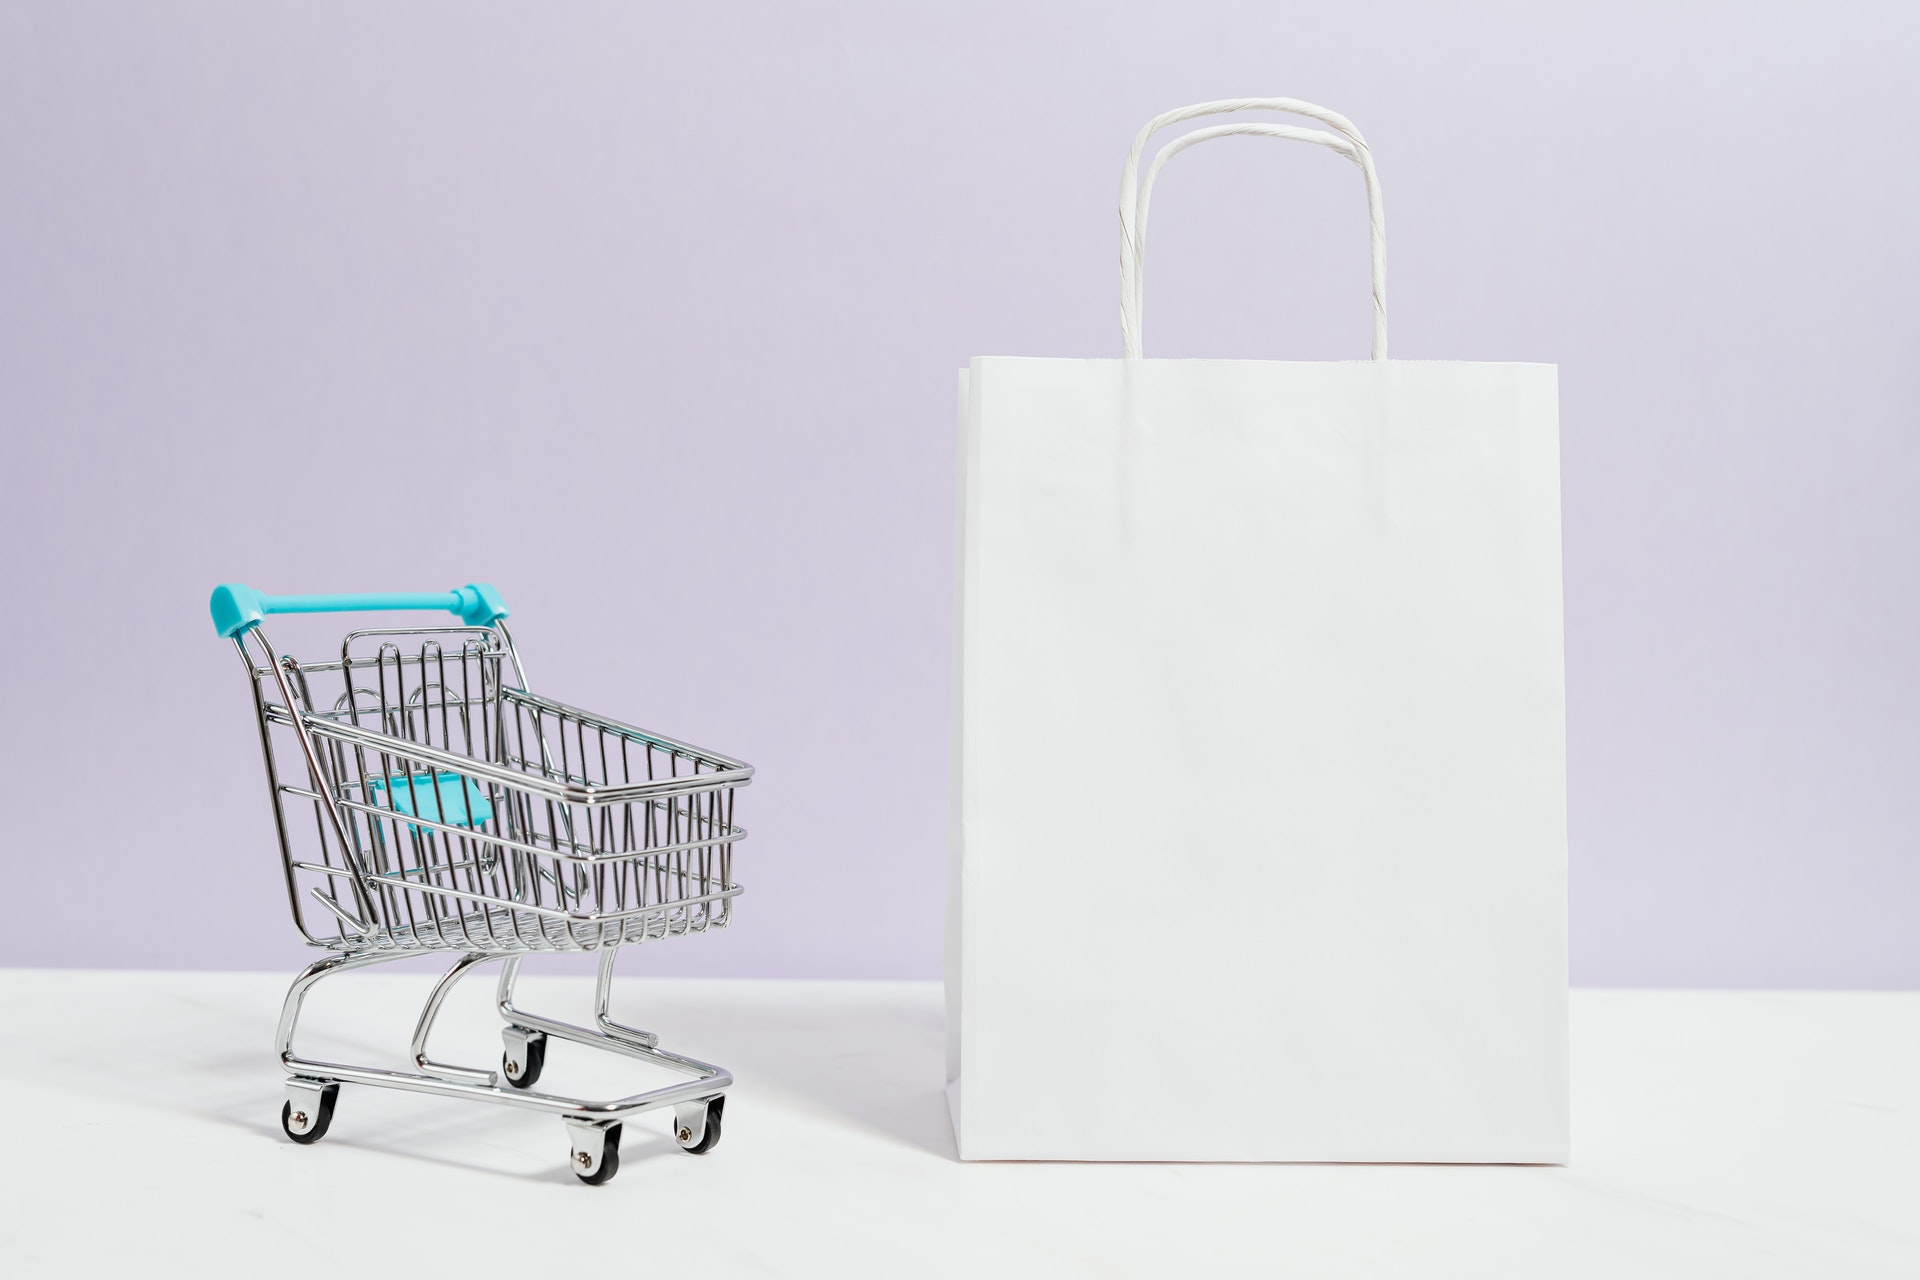 Is smart vending considered e-commerce?